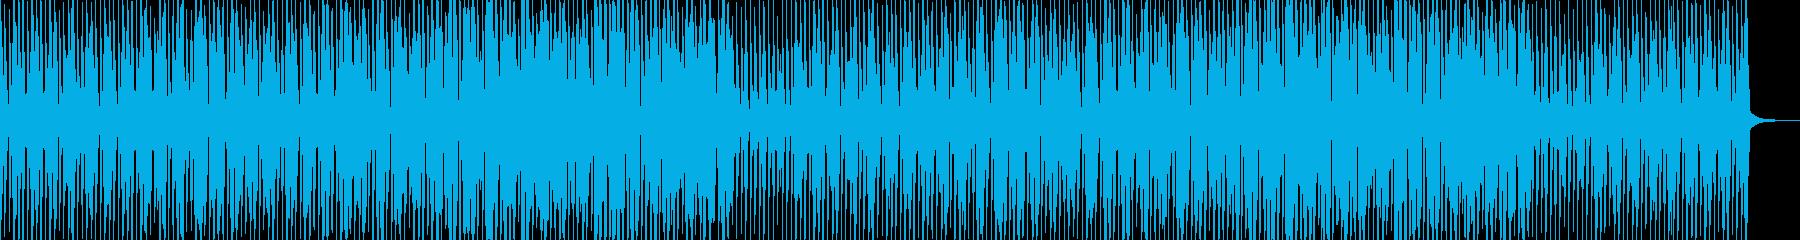 ほのぼのポップな日常系の再生済みの波形